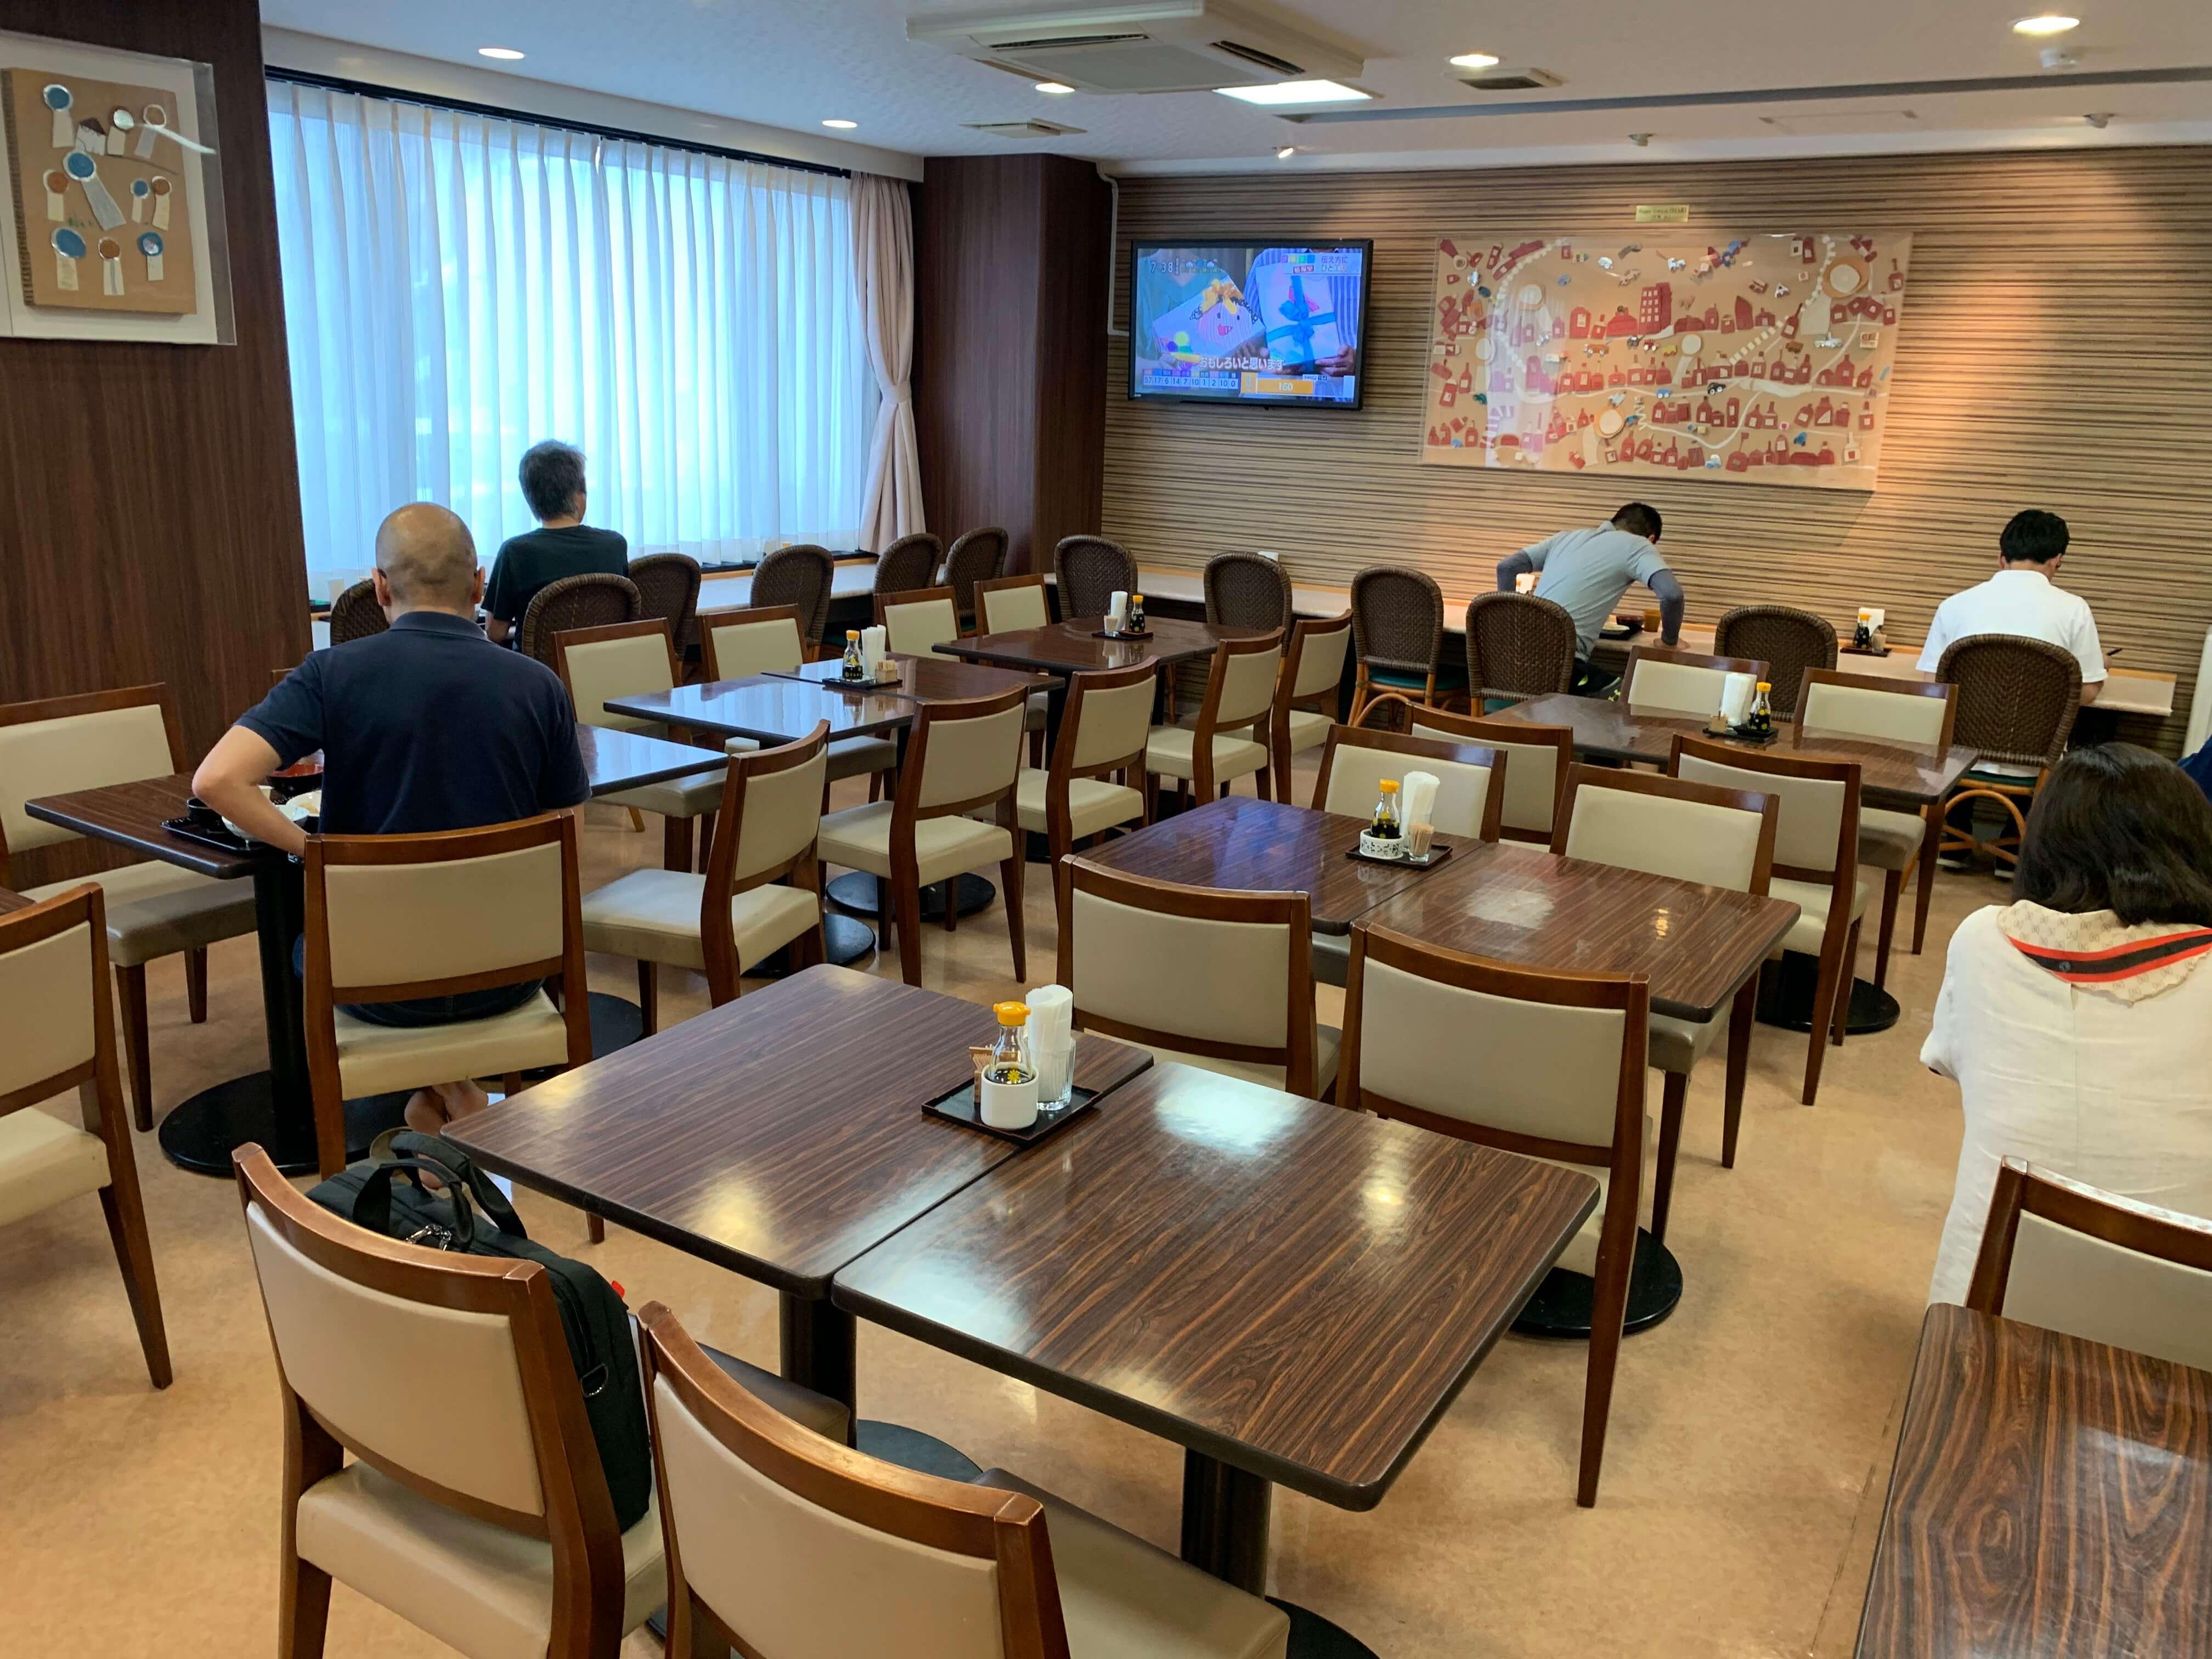 セントラルホテル伊万里 朝ごはん 食堂